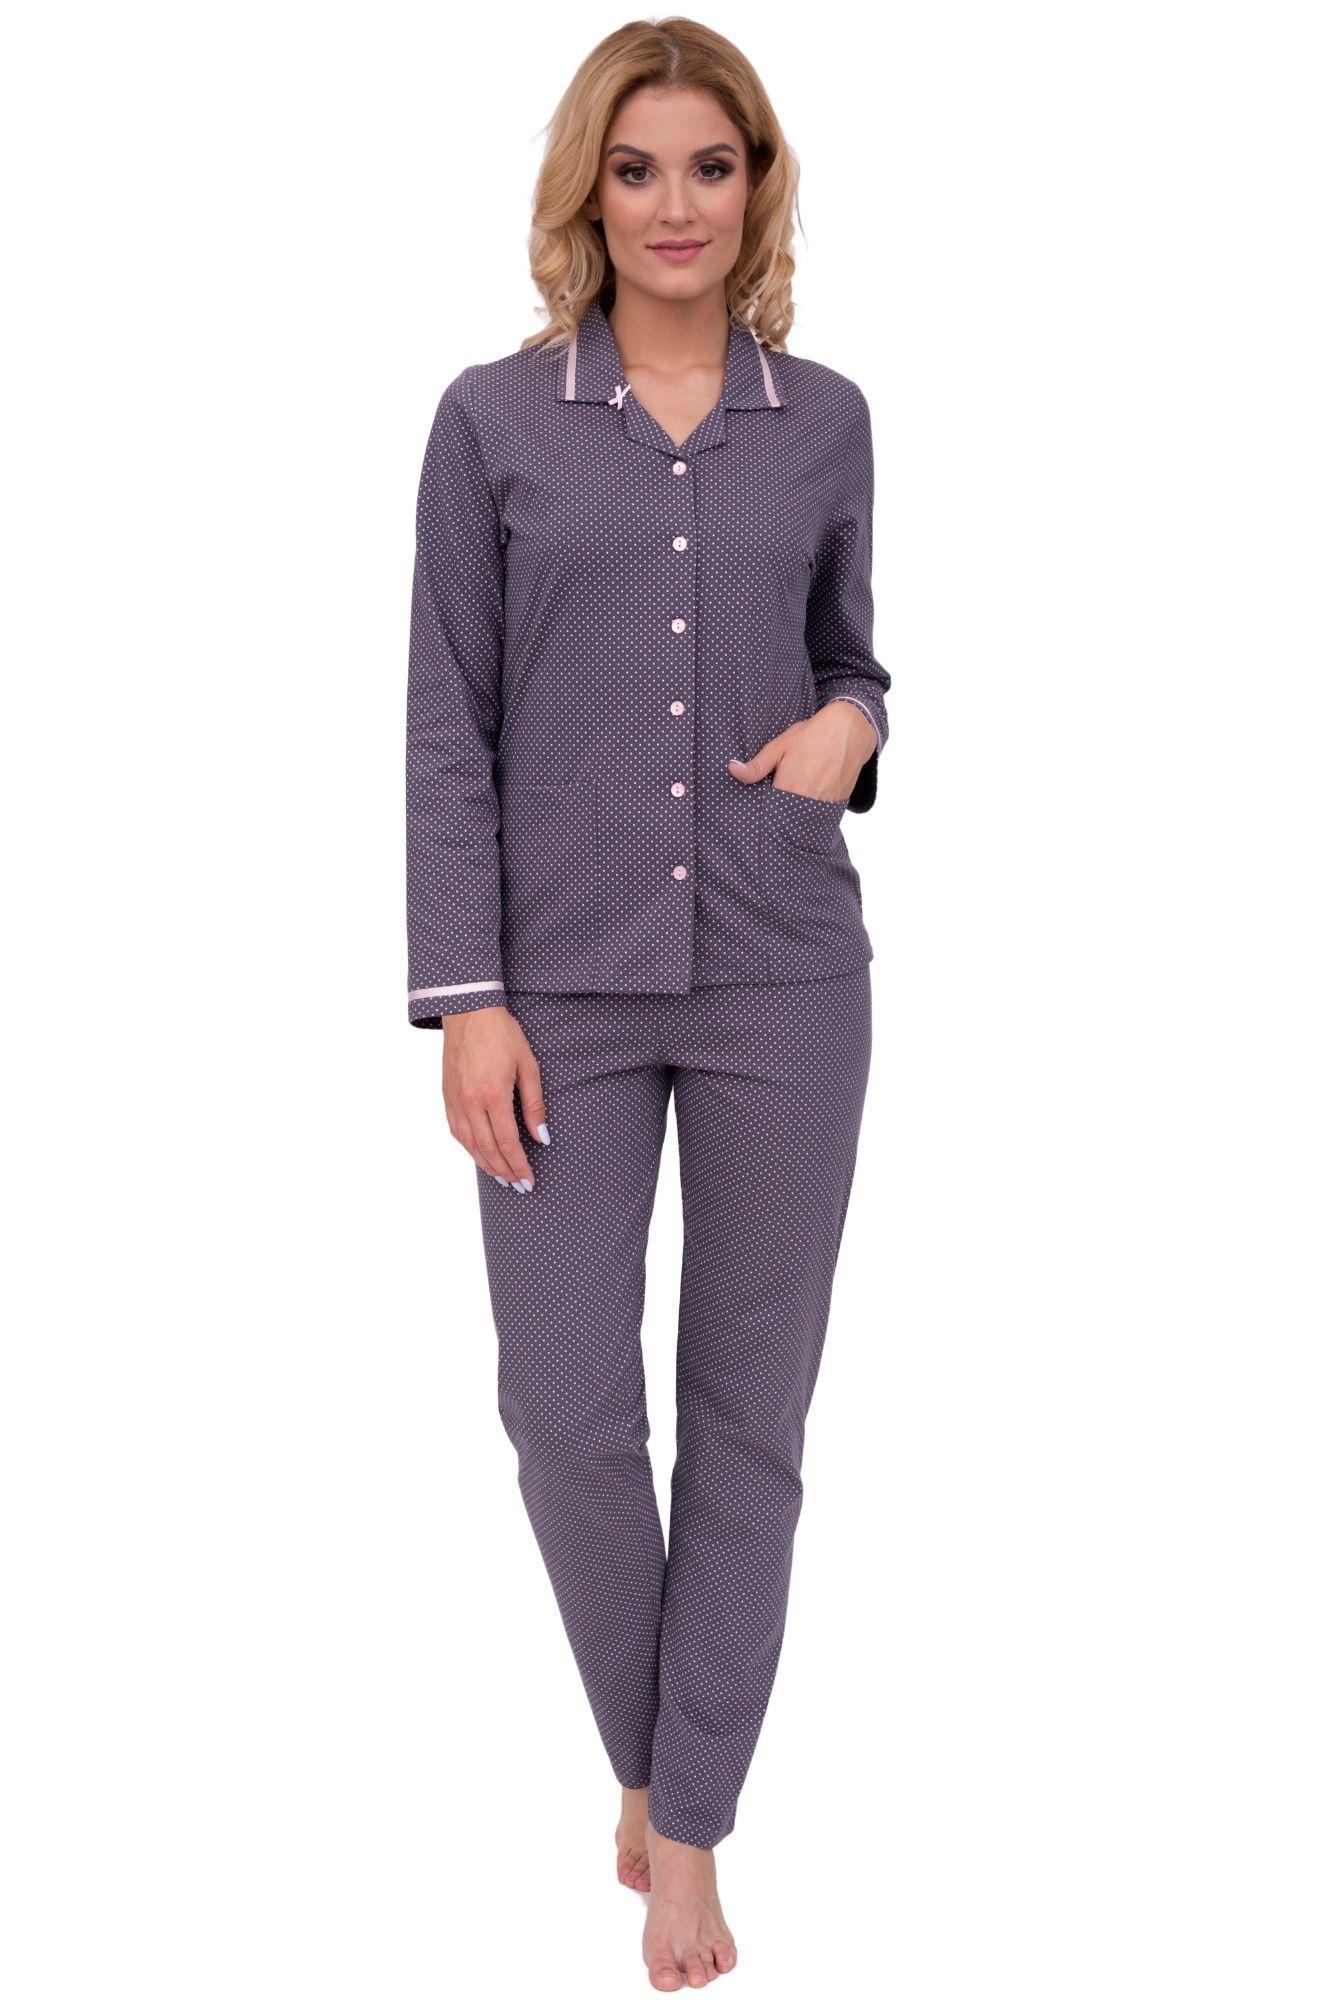 9c8f9de83b90 Luxusní dámské bavlněné pyžamo Iva puntíky s dlouhými rukávy